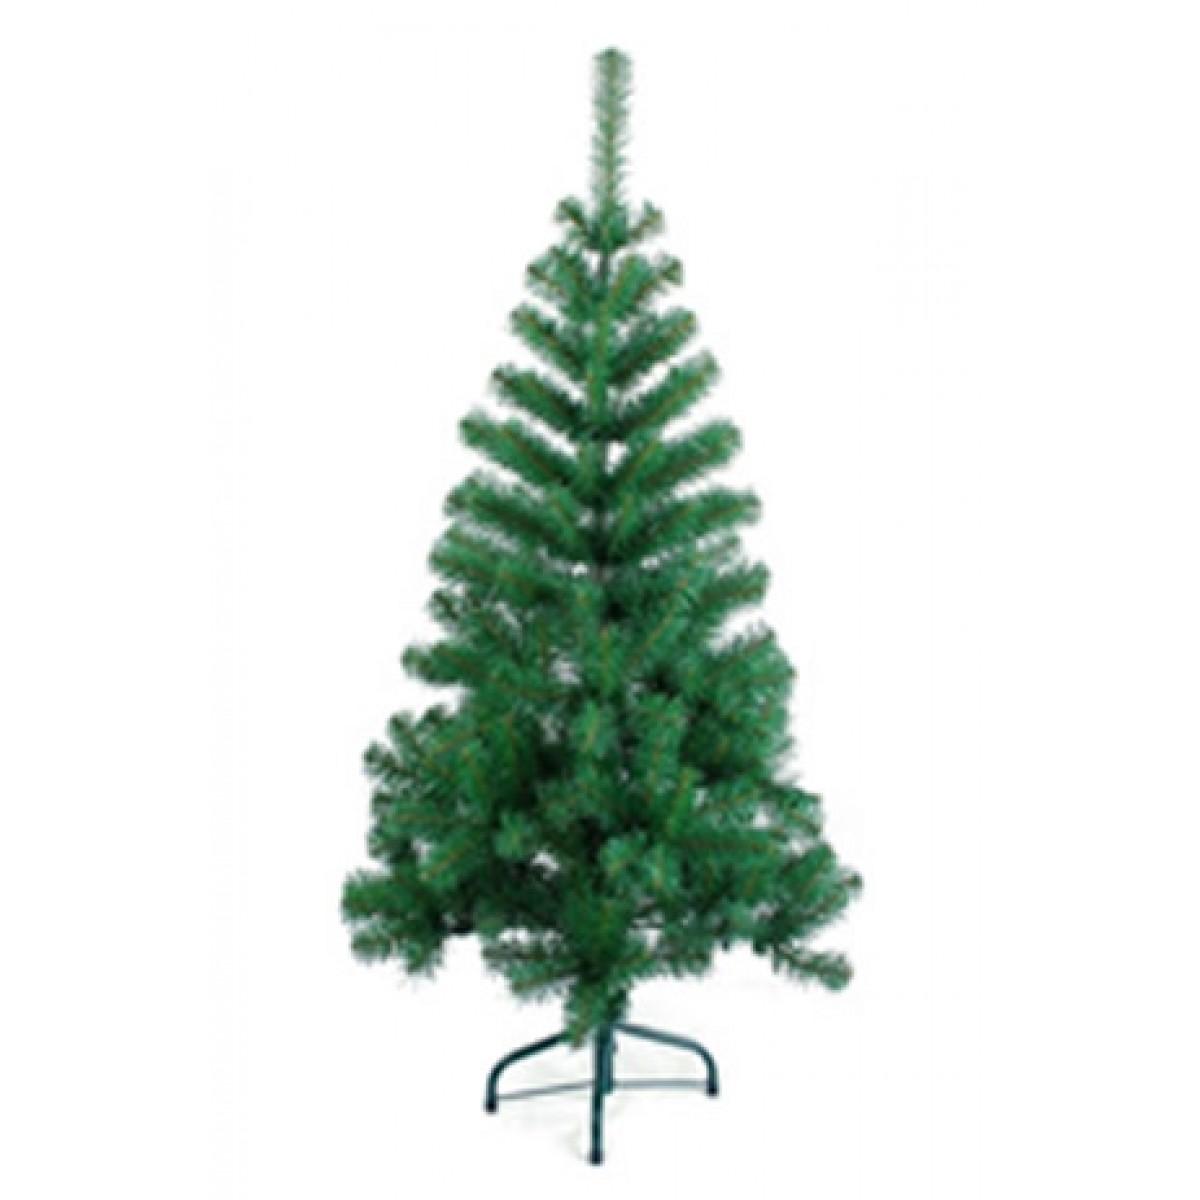 CONZEPT juletræ kunstigt grøn 150 cm.